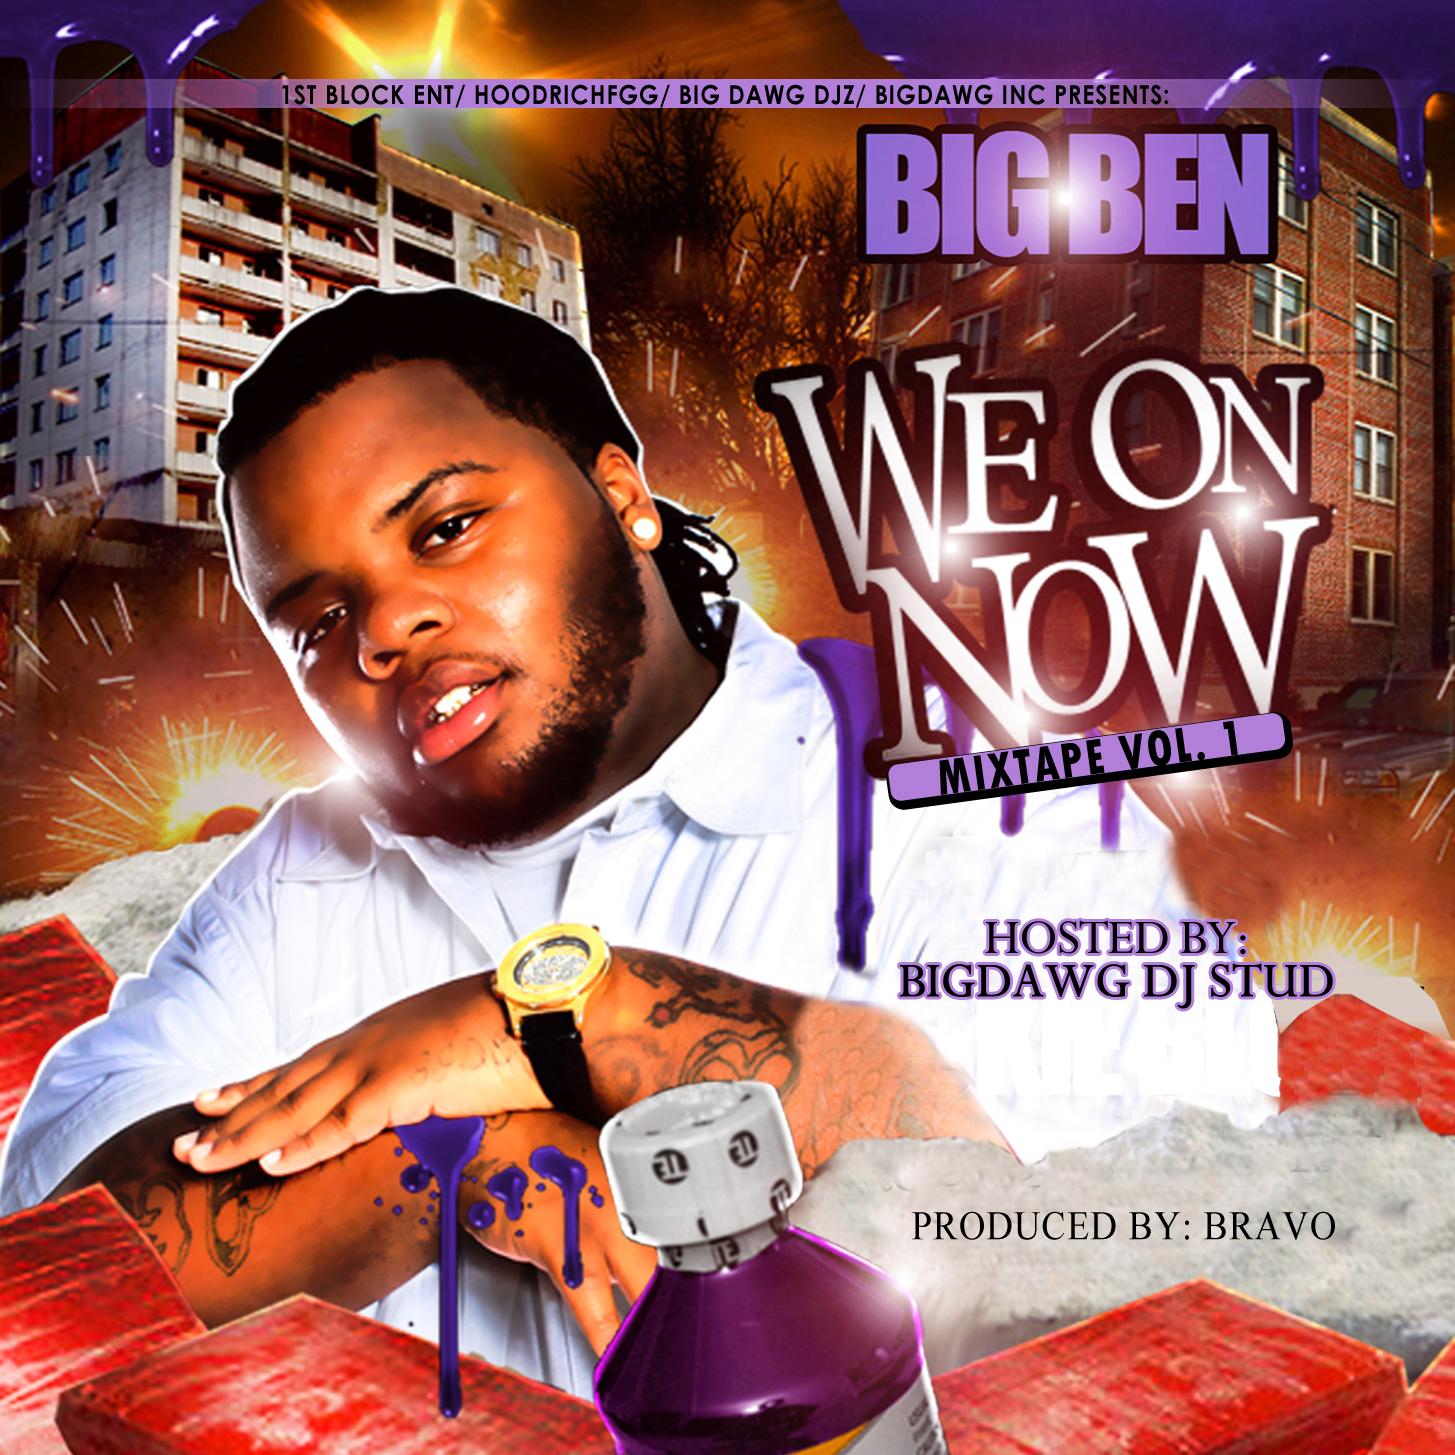 Big Ben Mixtape Cover (2)